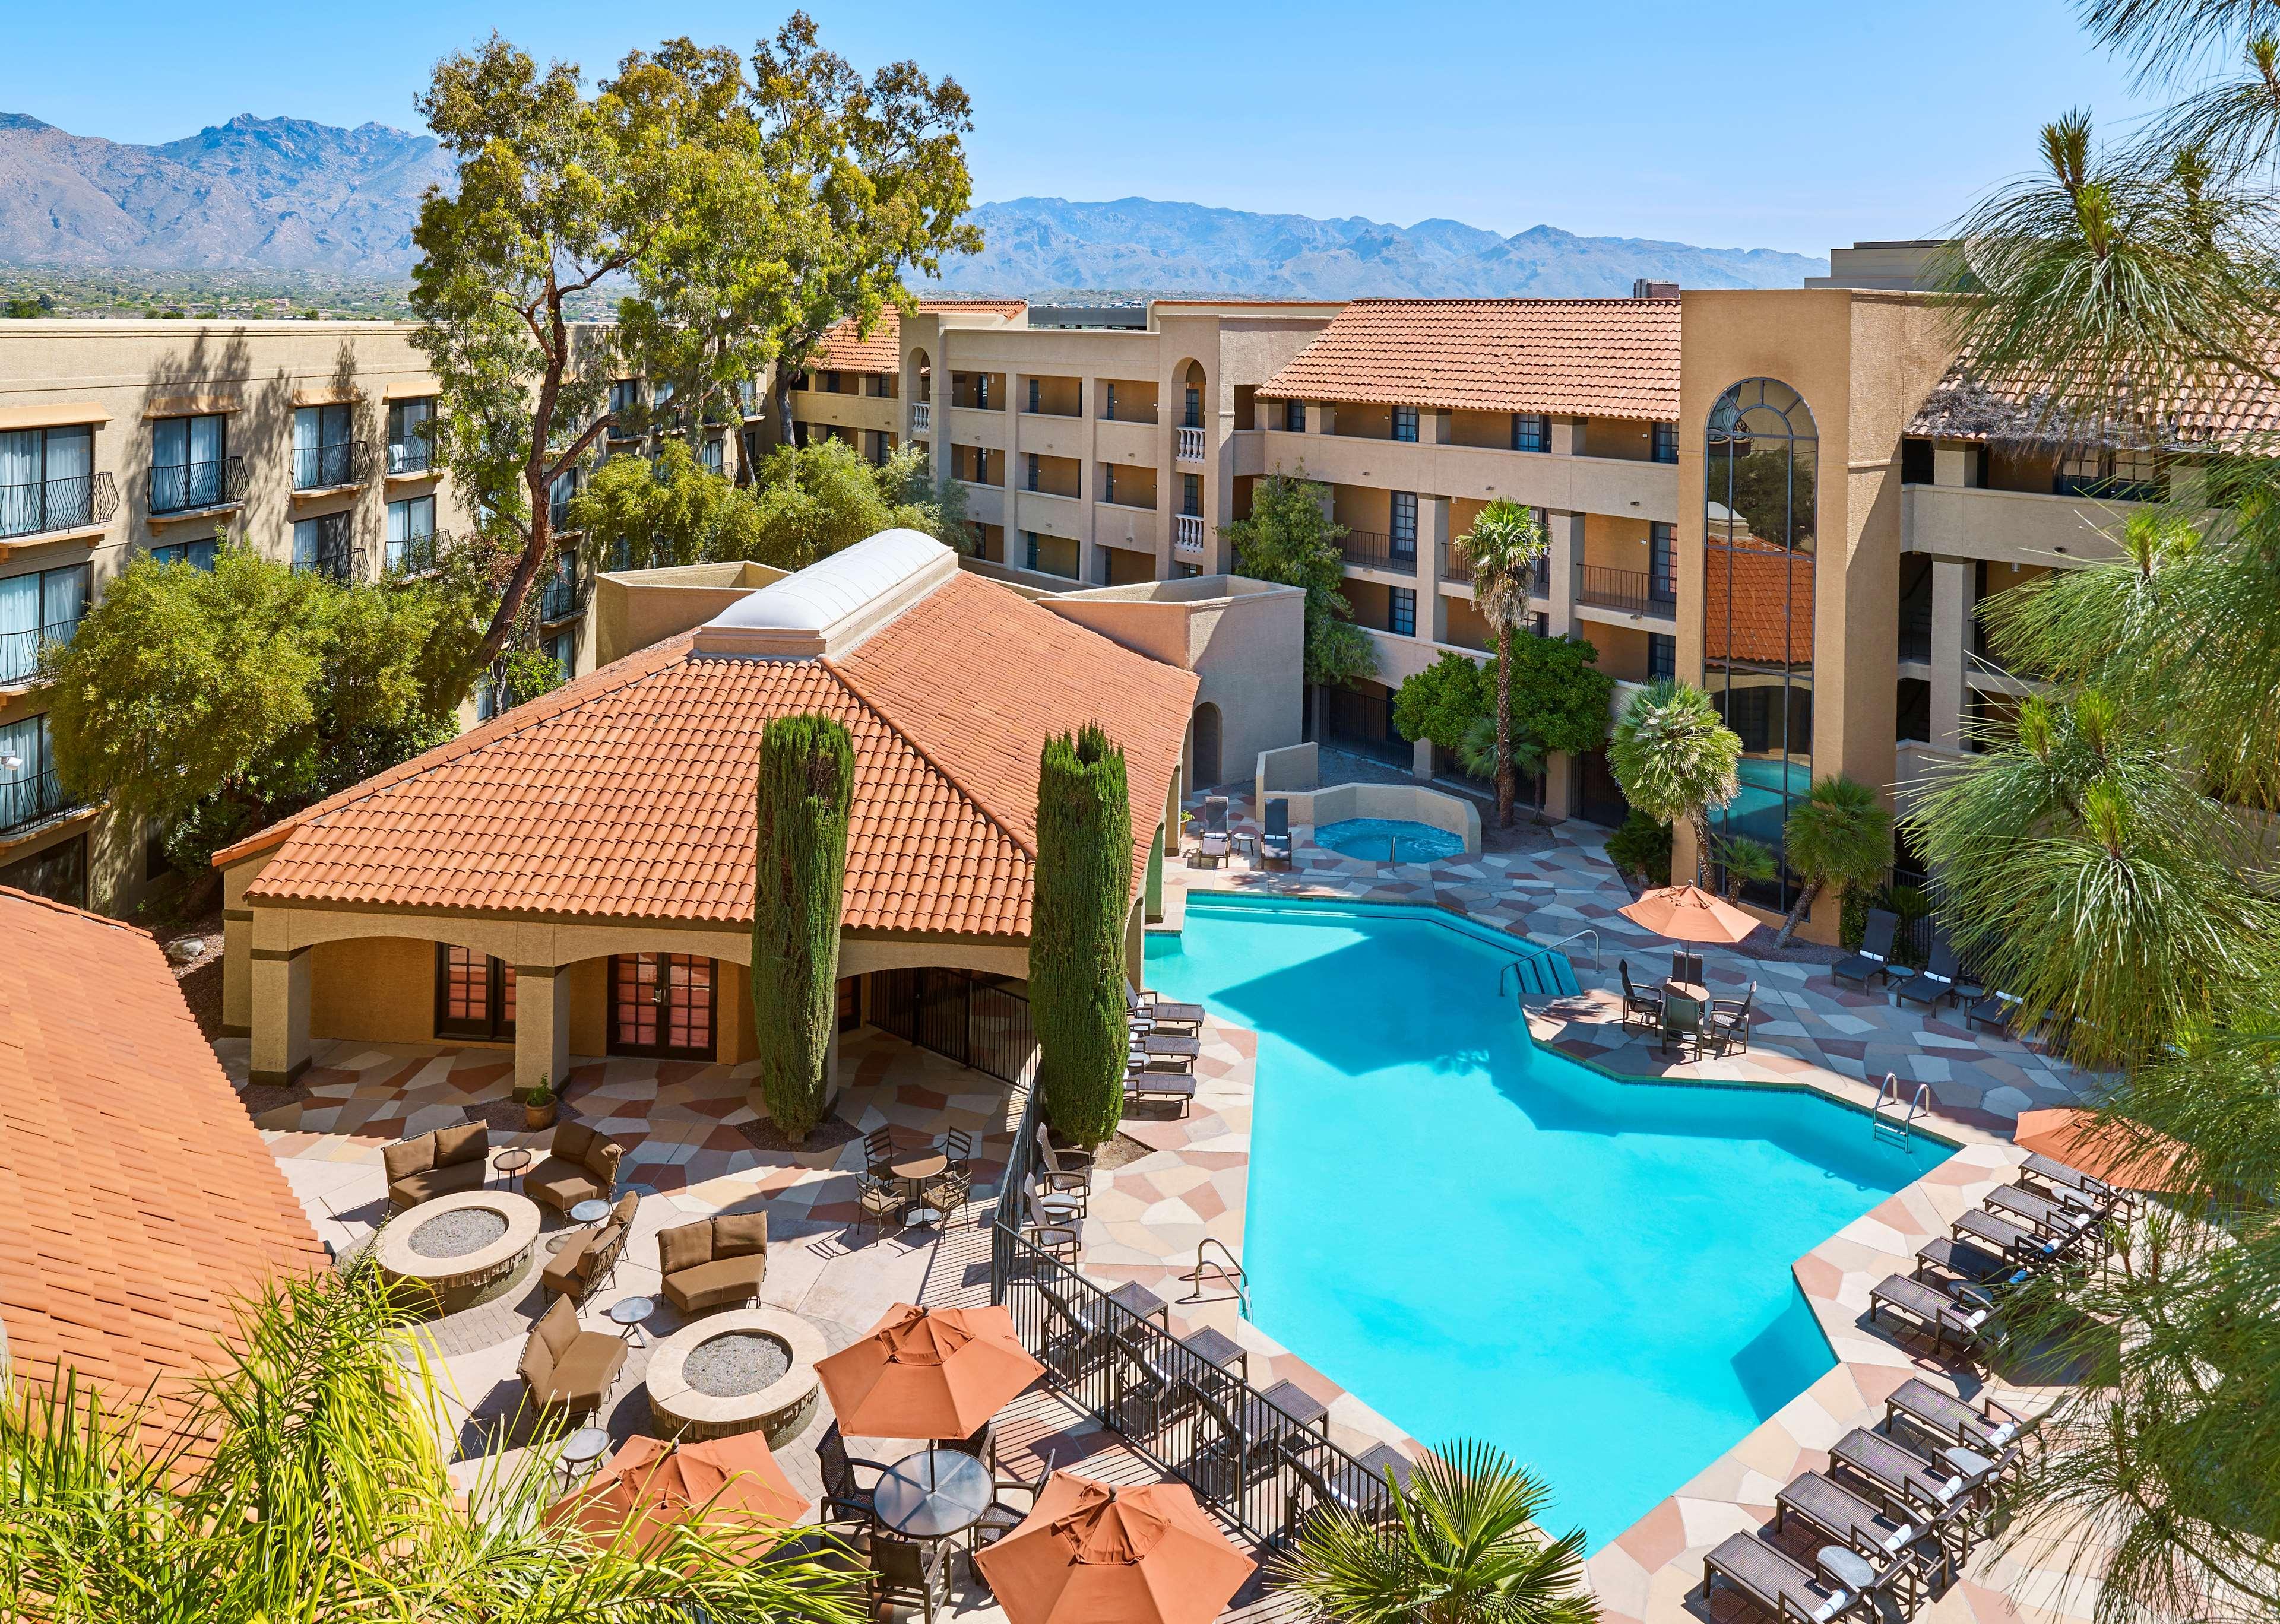 Sheraton Tucson Hotel & Suites image 14